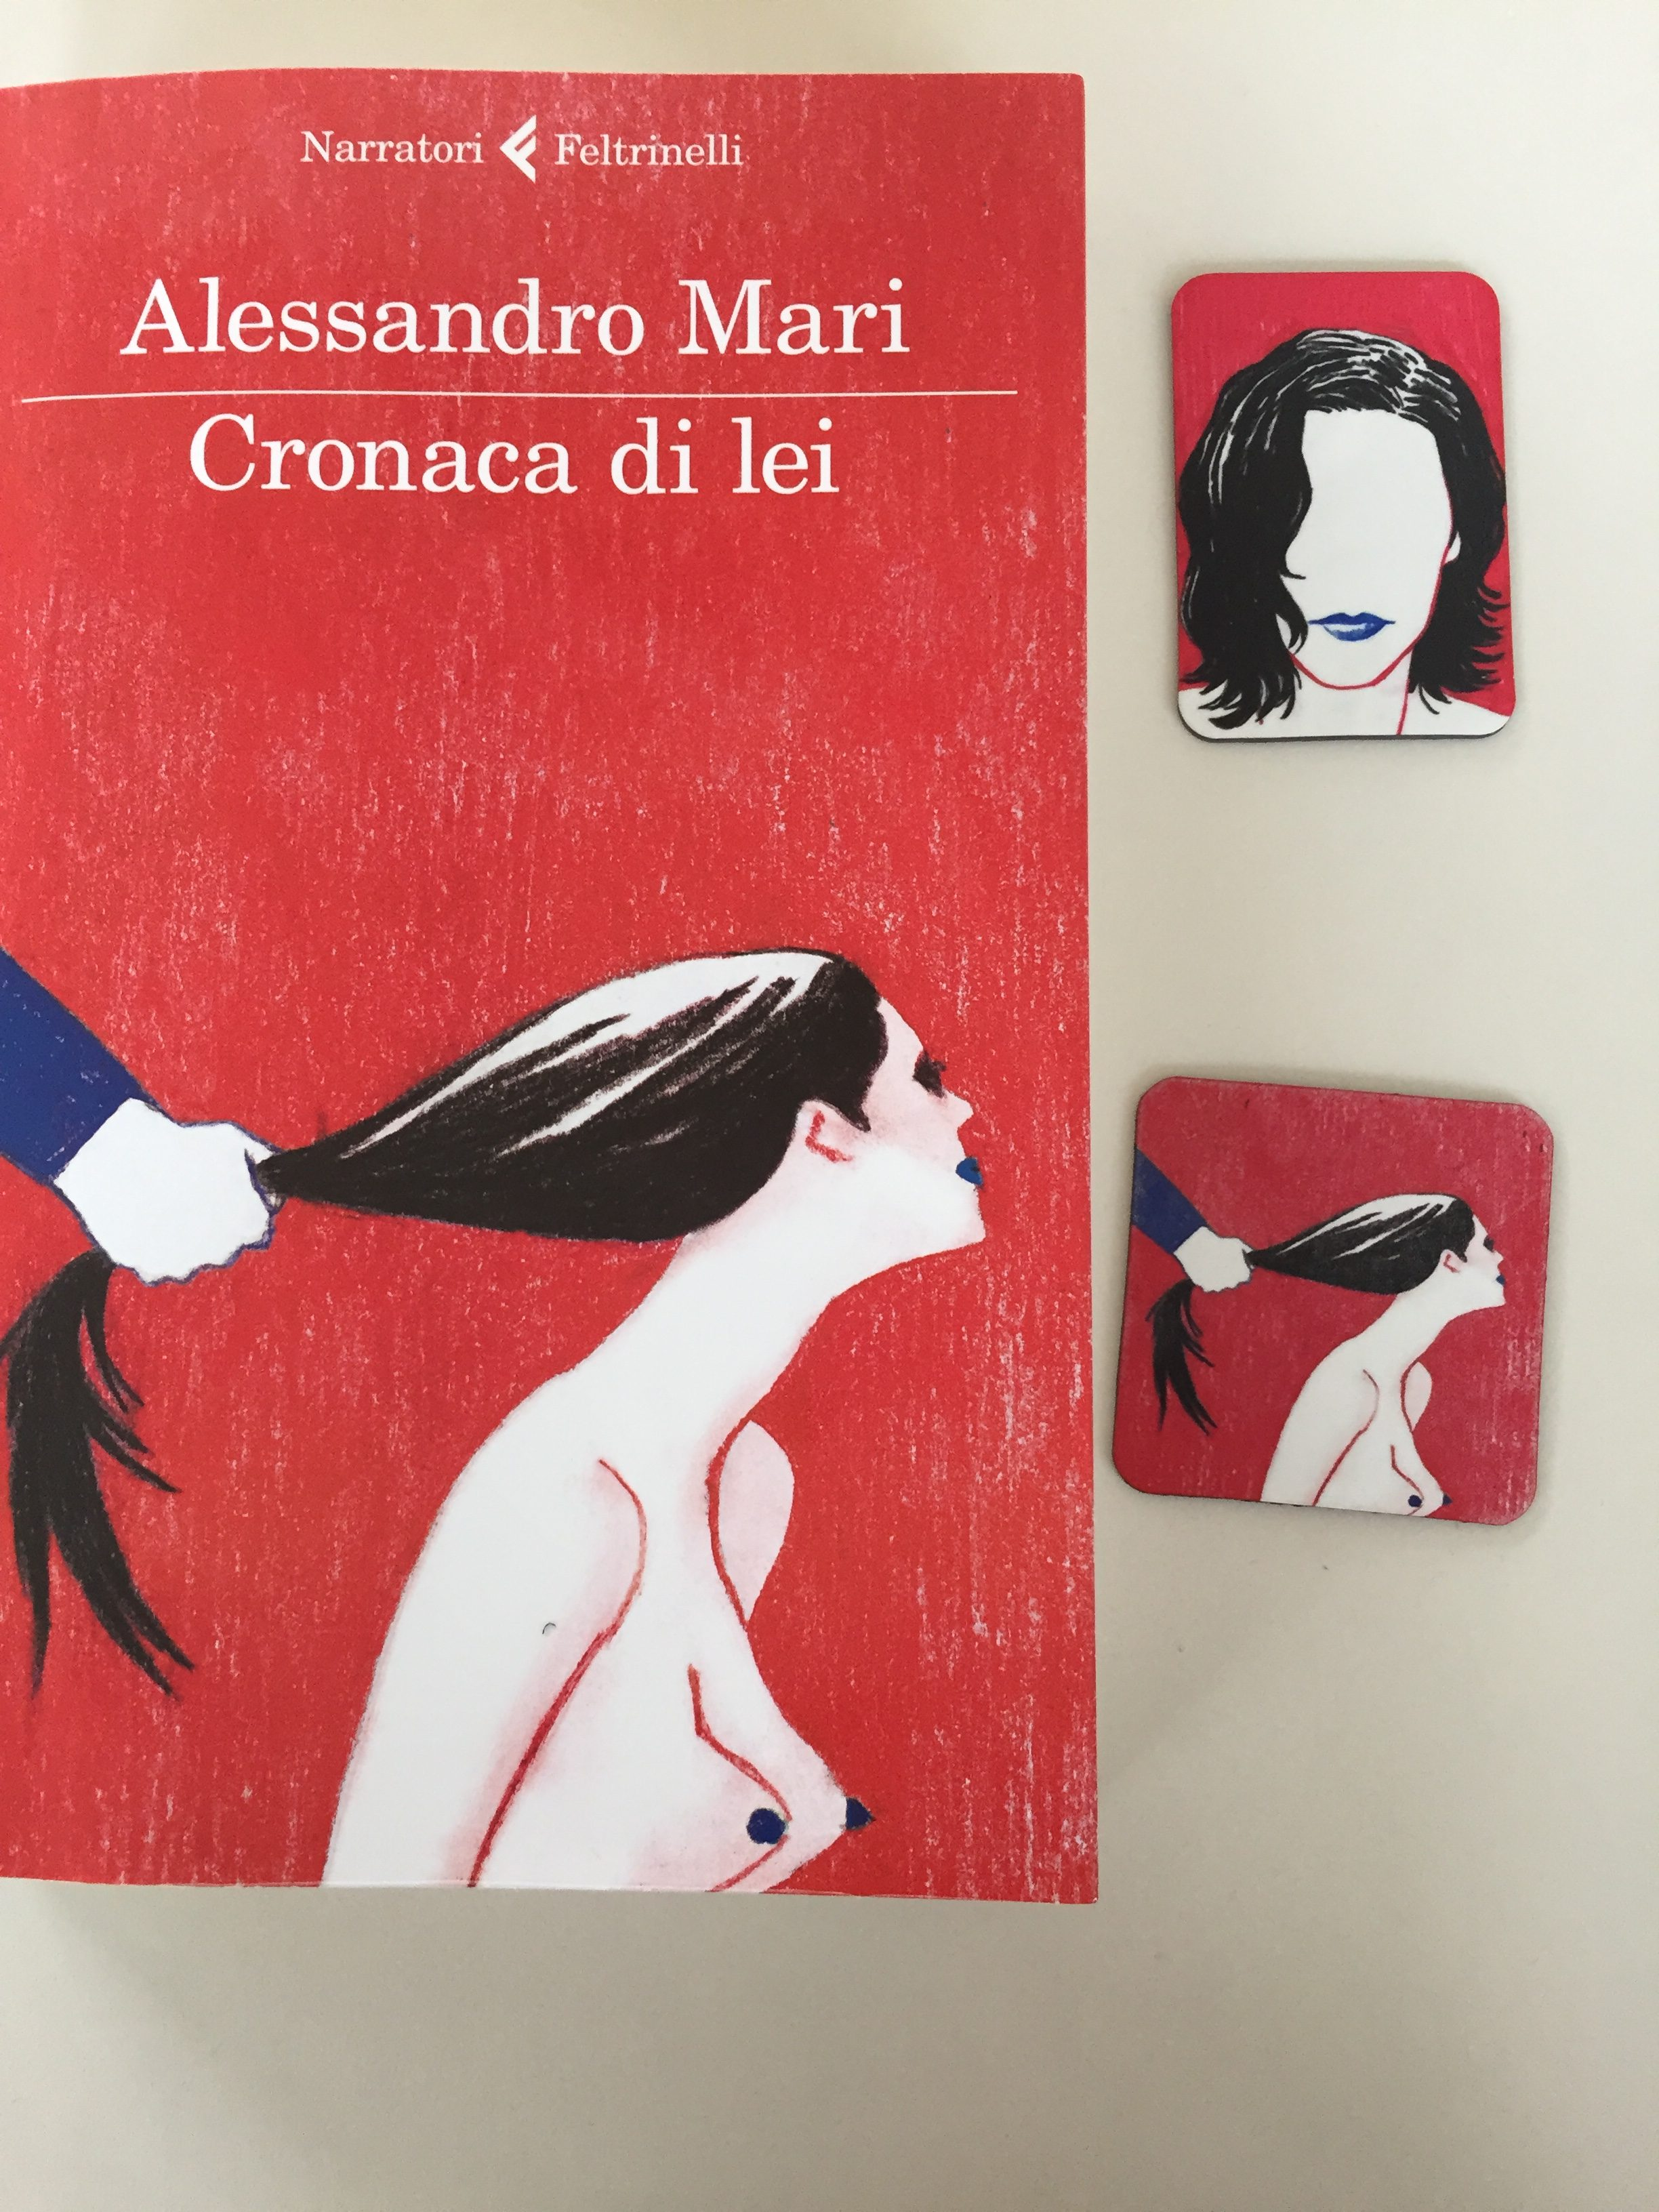 Recensione: Alessandro Mari, Cronaca di Lei, Feltrinelli Editore